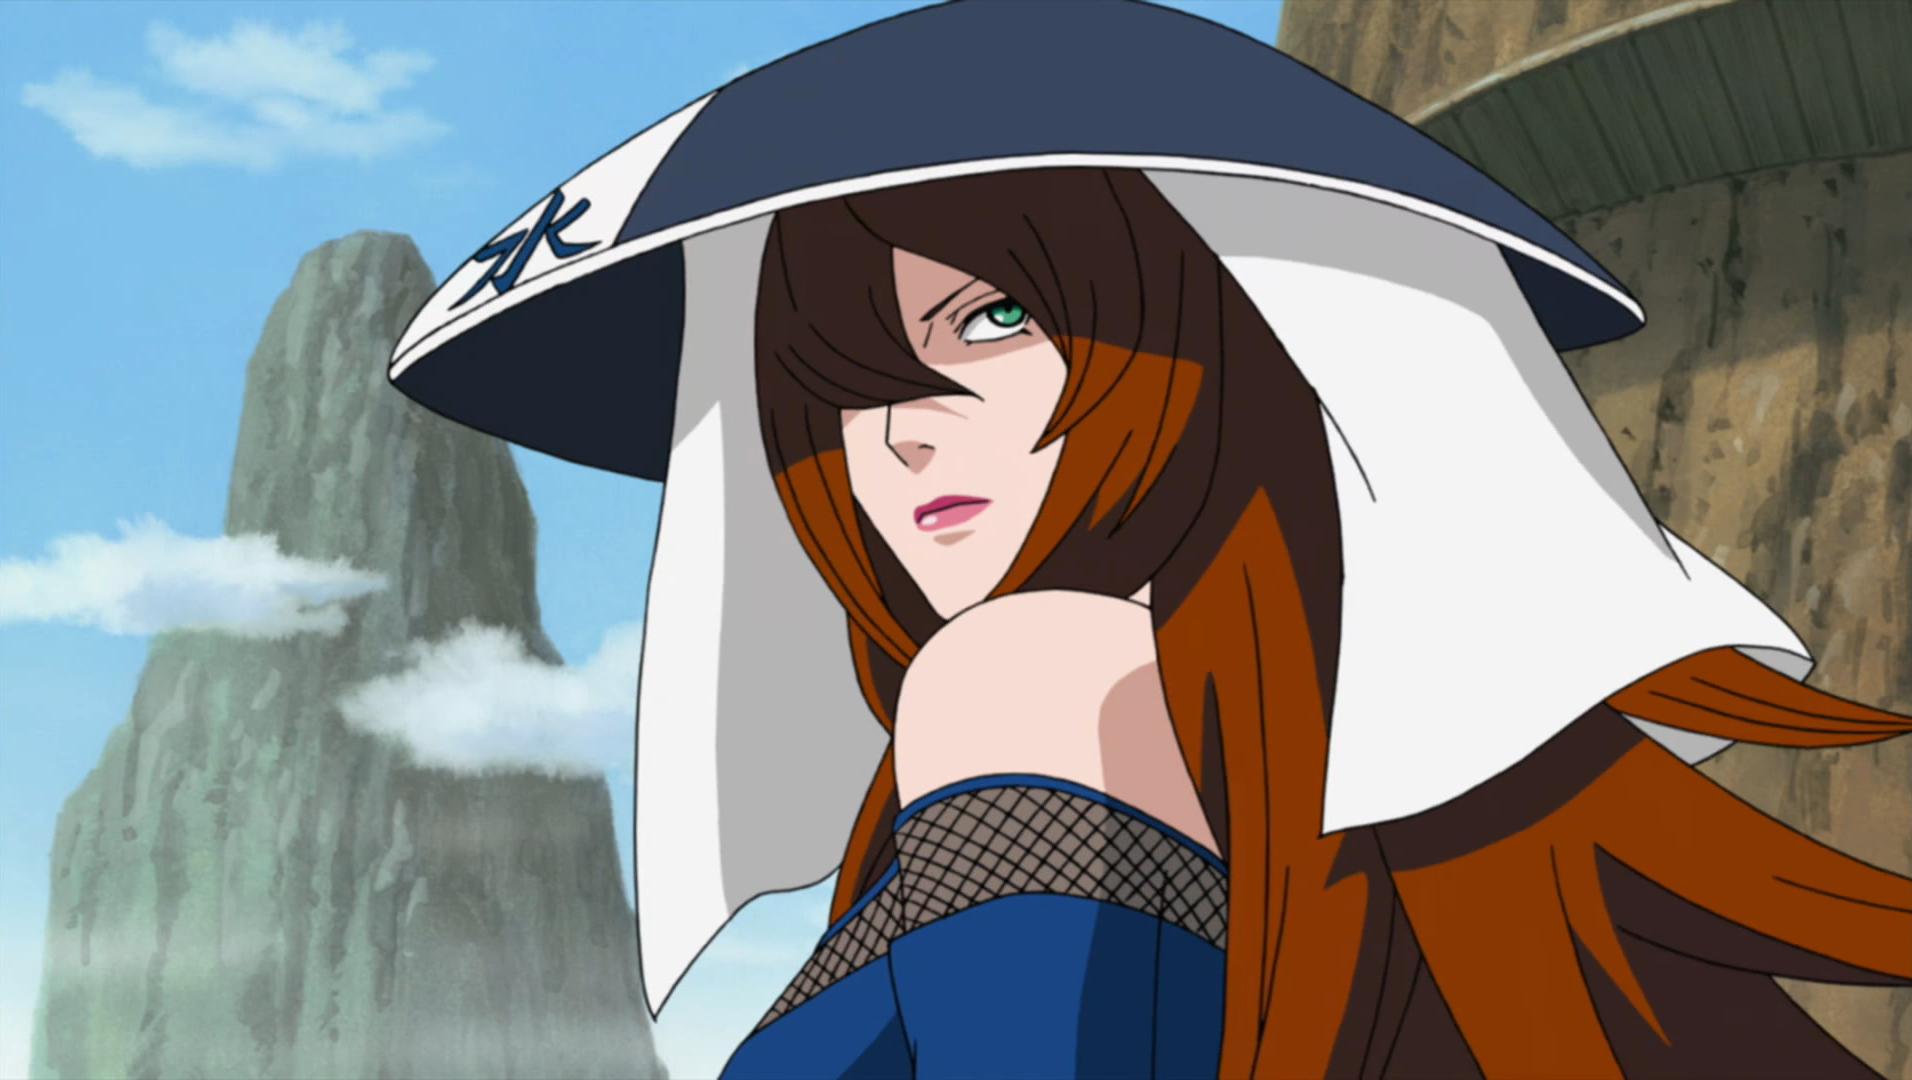 日本最的动漫_嘴上说不行,身体却很诚实,傲娇的动漫妹子超萌